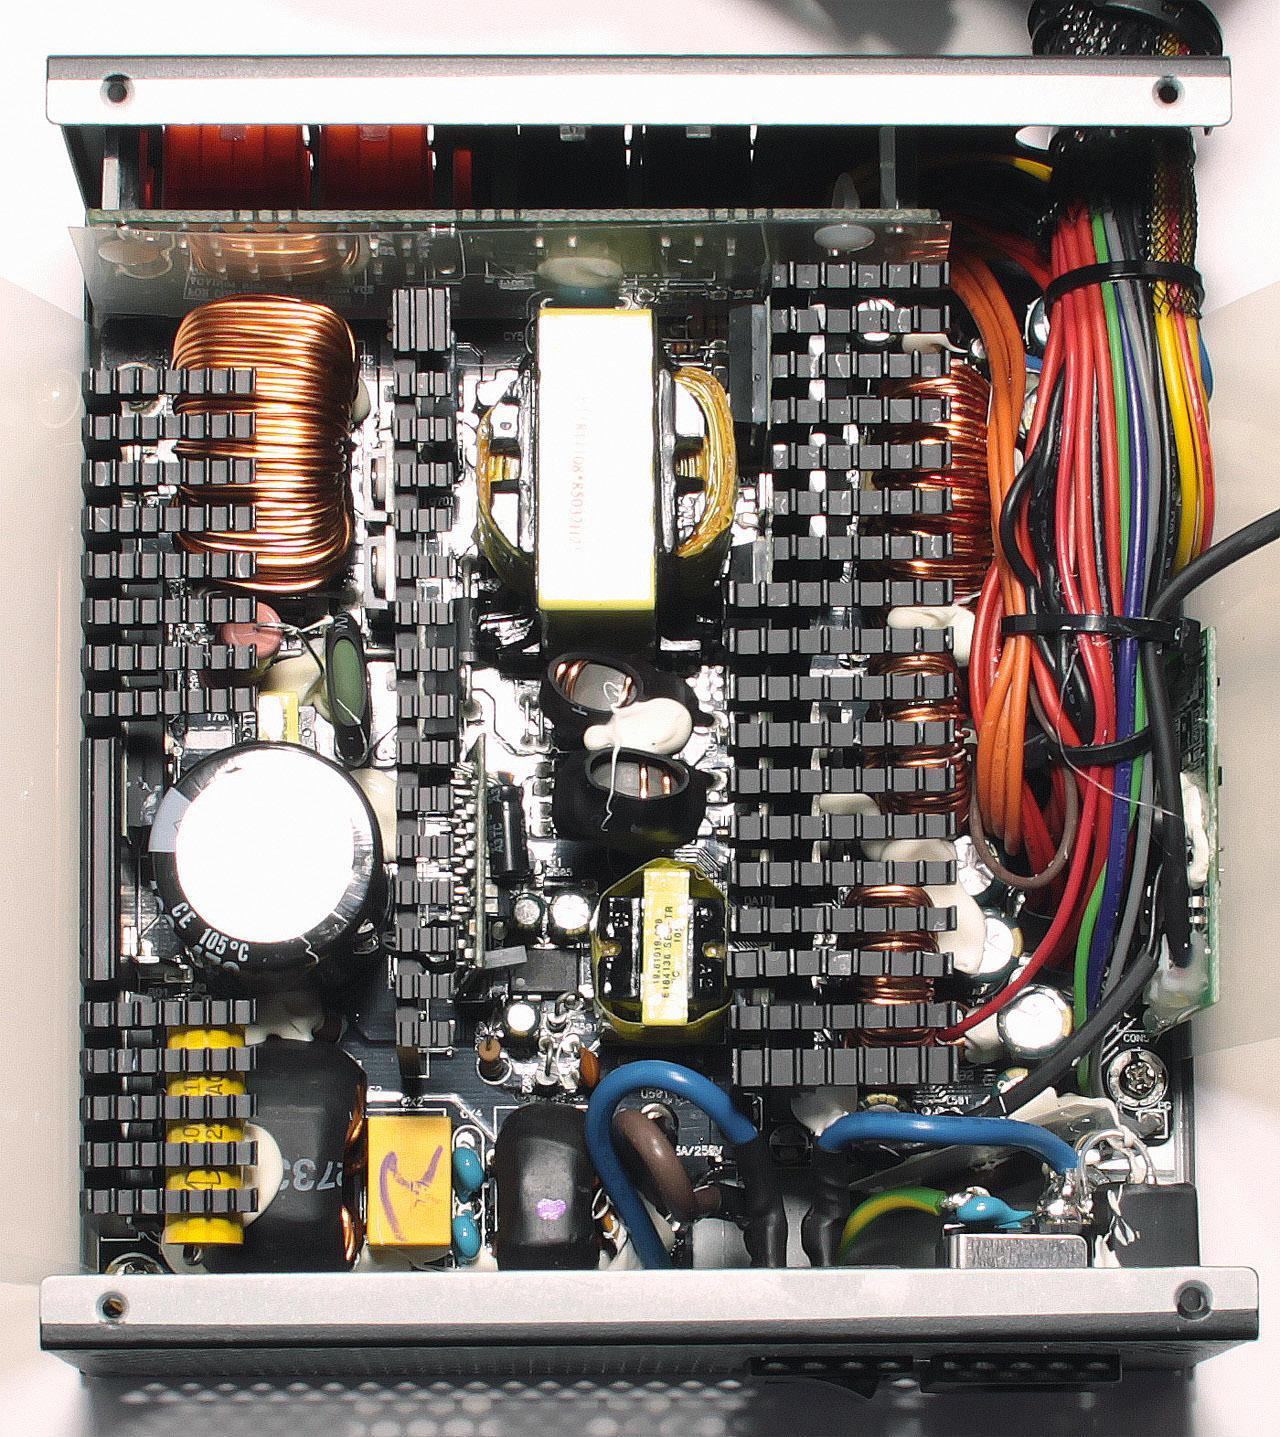 Второй эшелон. Обзор блока питания LEPA B850-MA.